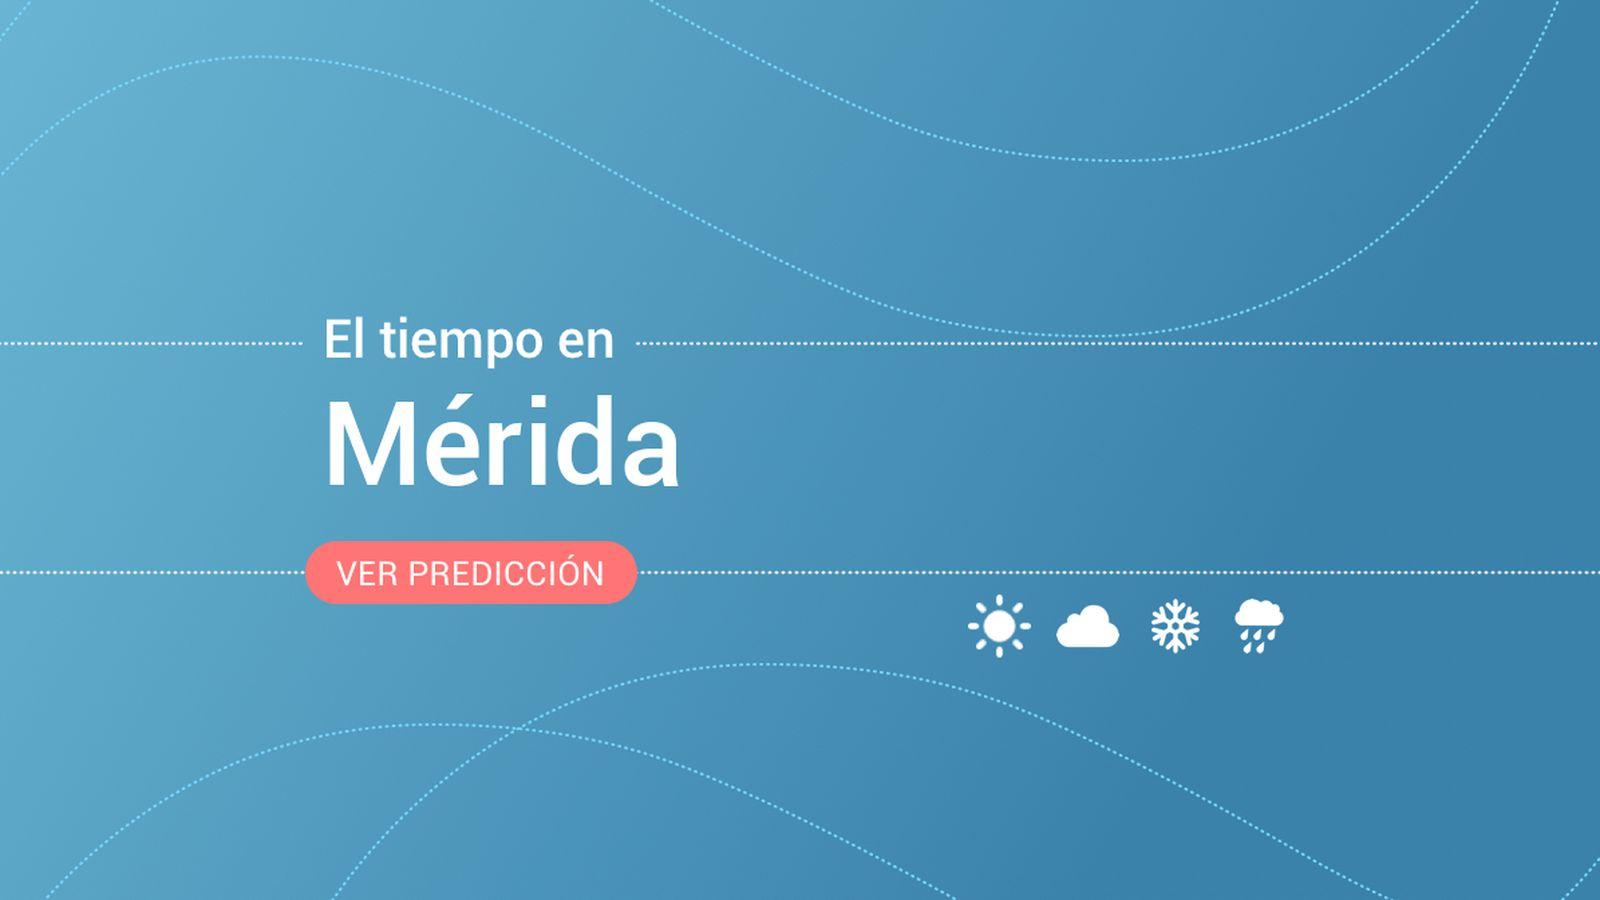 Foto: El tiempo en Mérida. (EC)